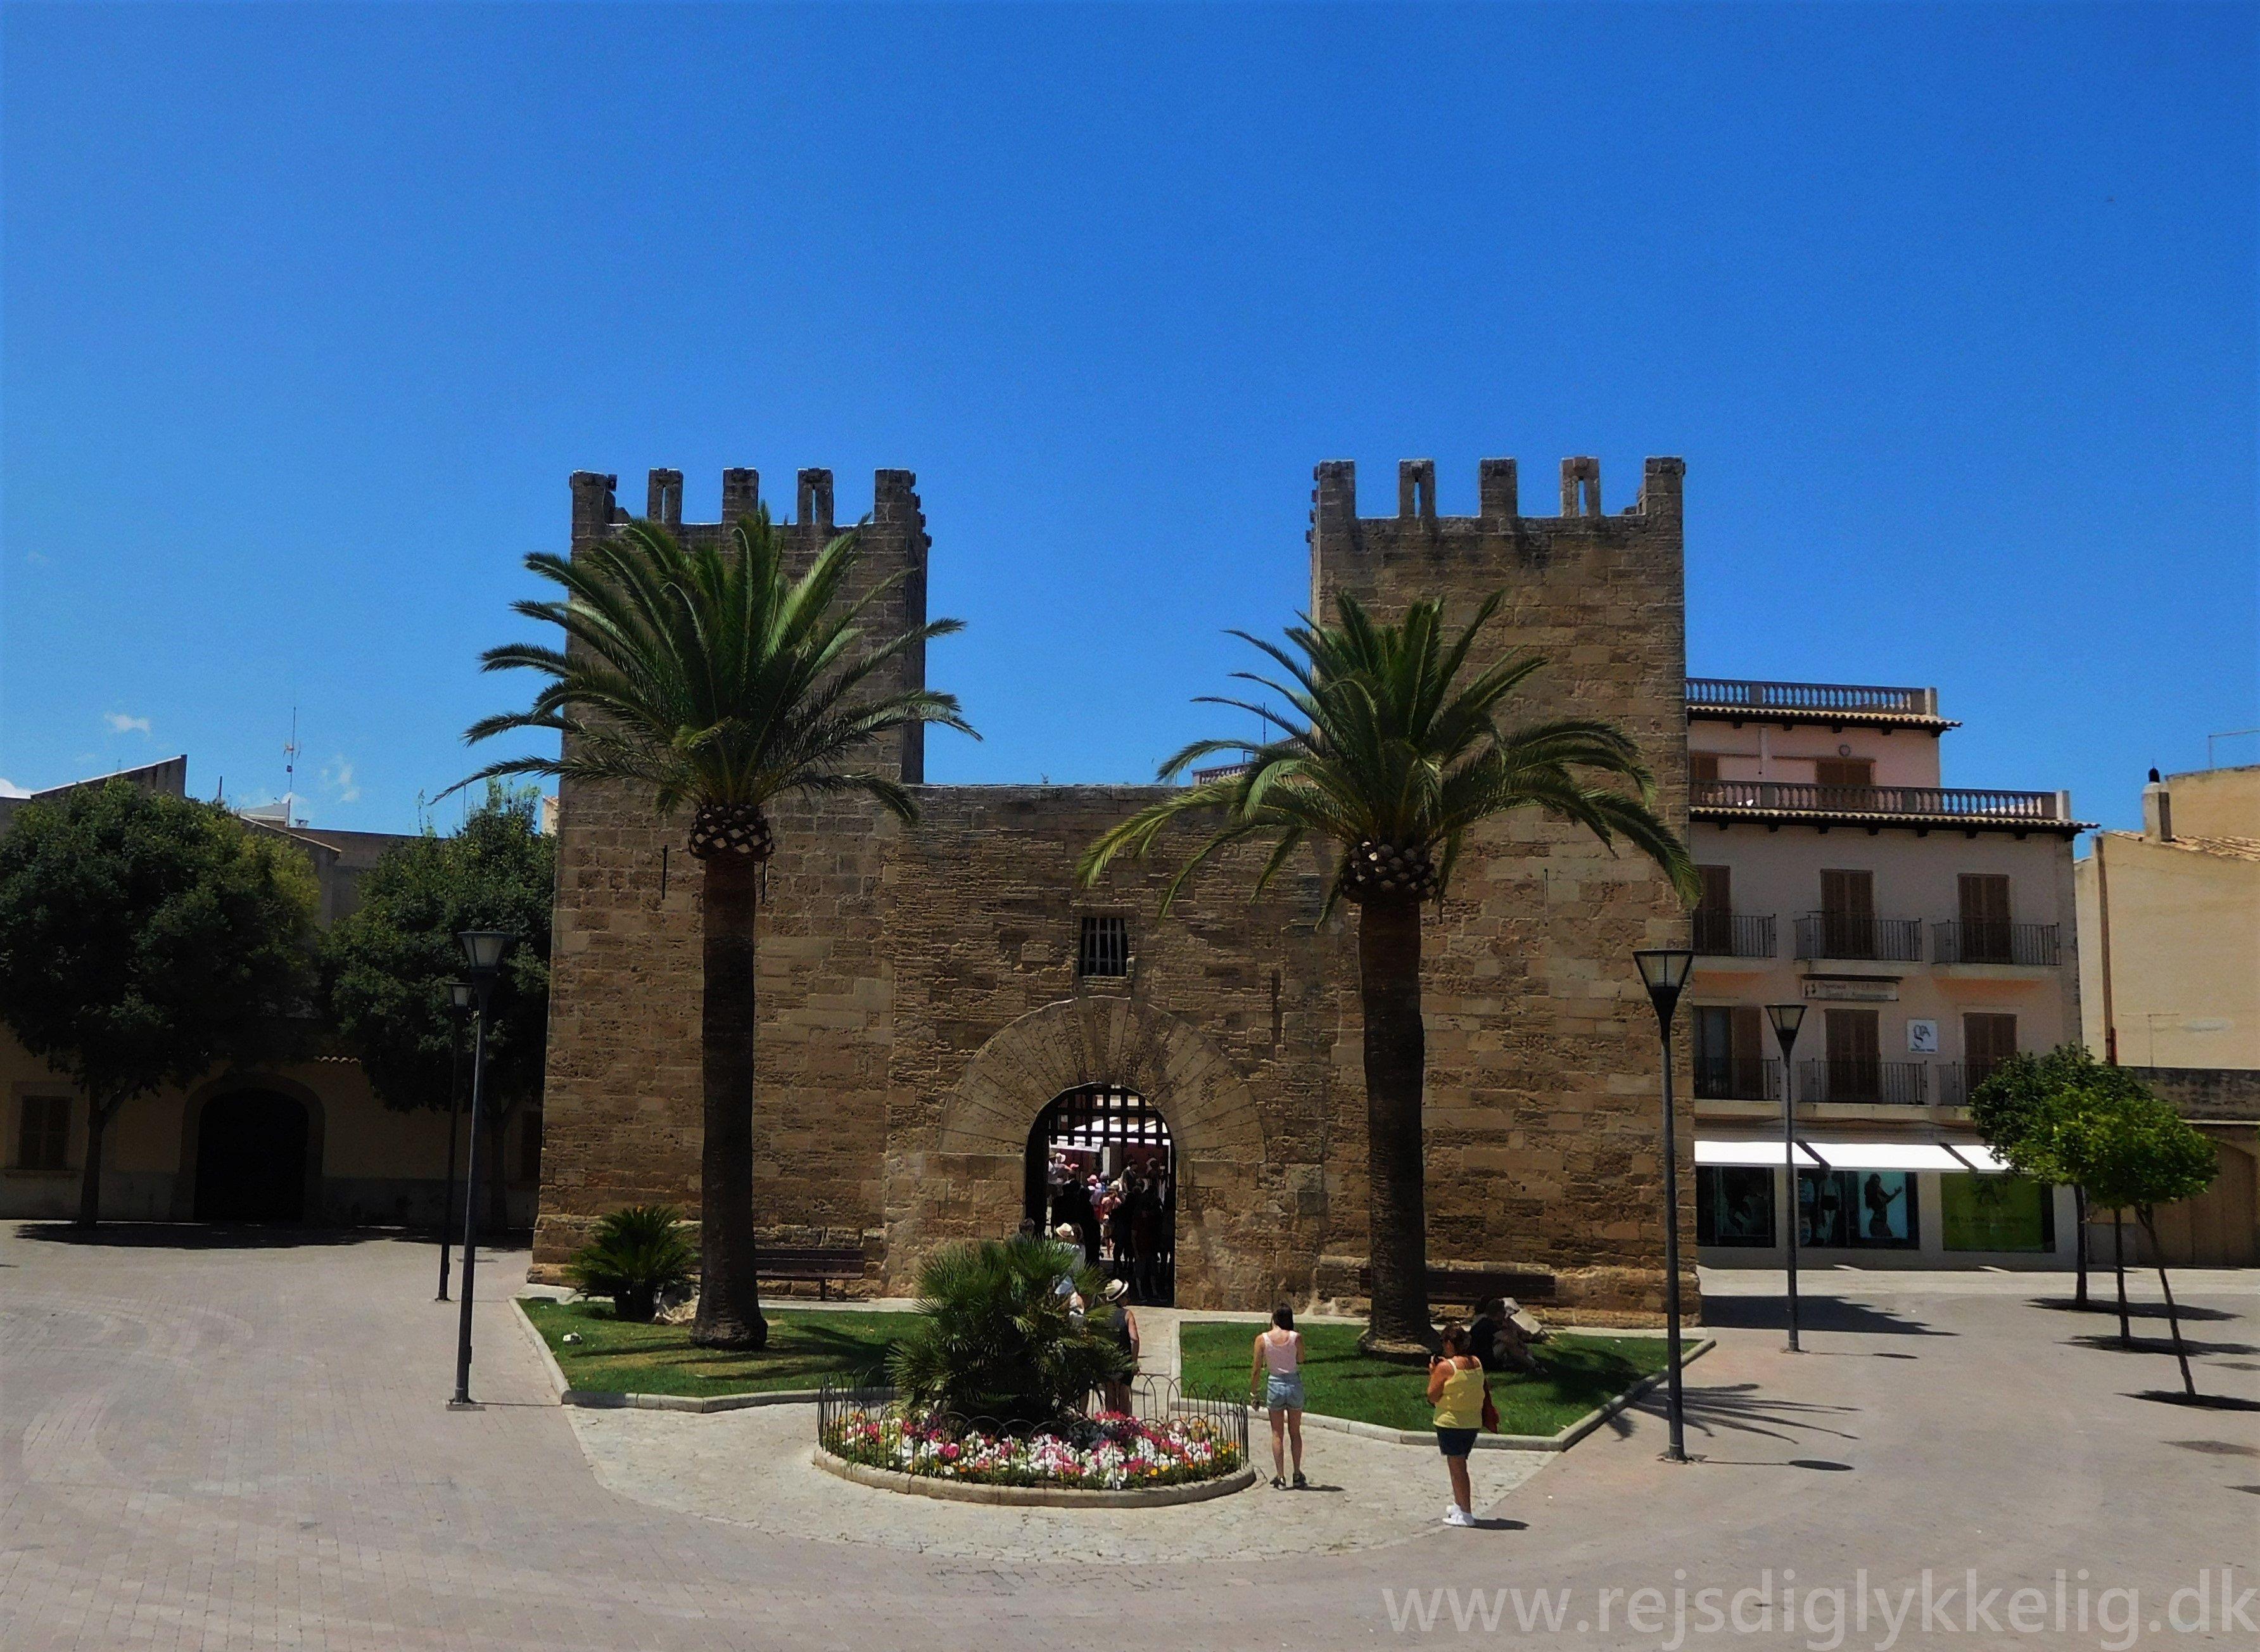 Gate til Alcudia Old Town - Rejsdiglykkelig.dk